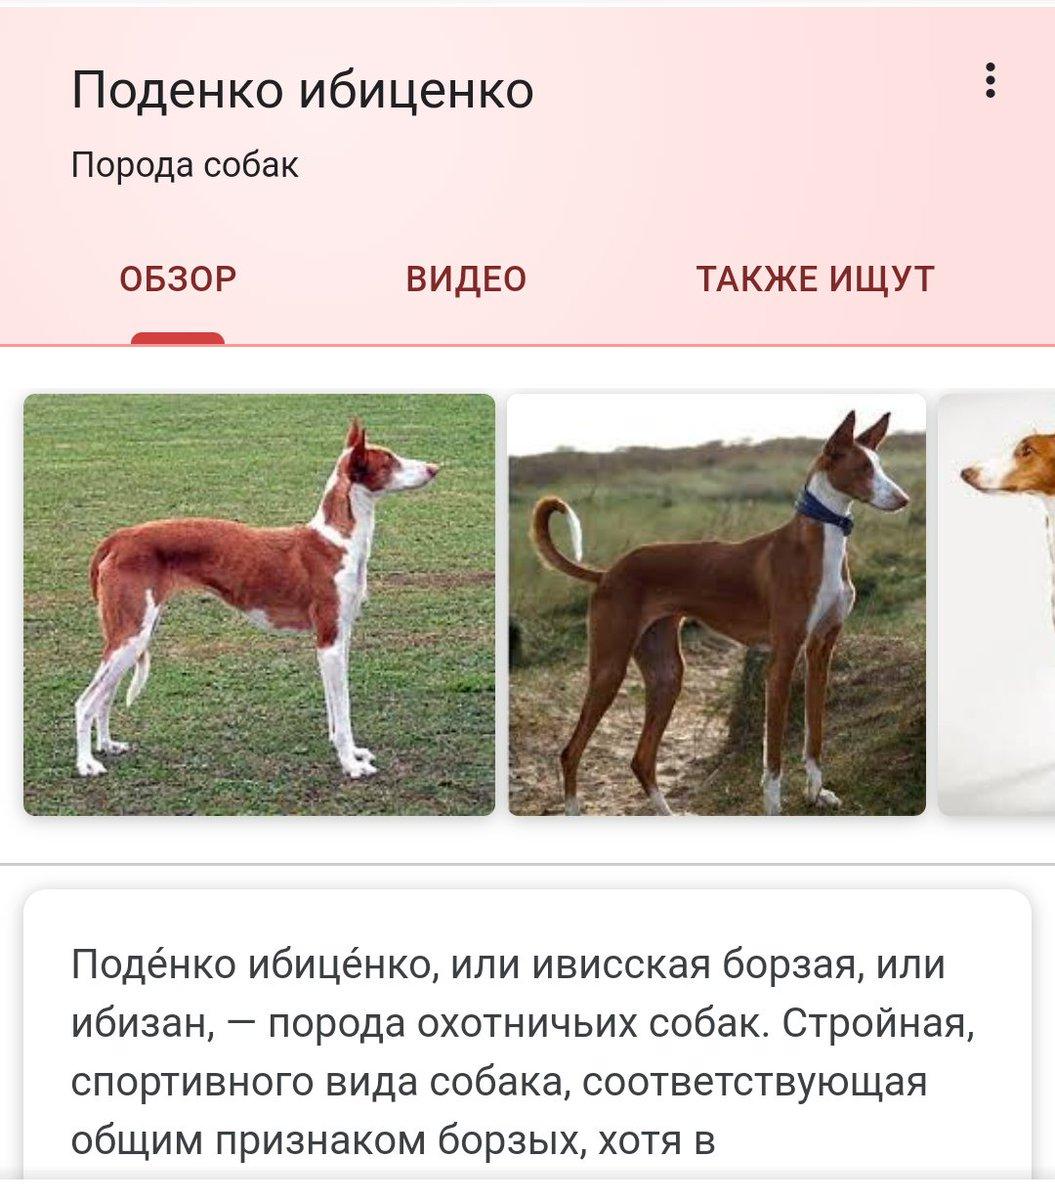 Порода поденко ибиценко (ивисская борзая собака)